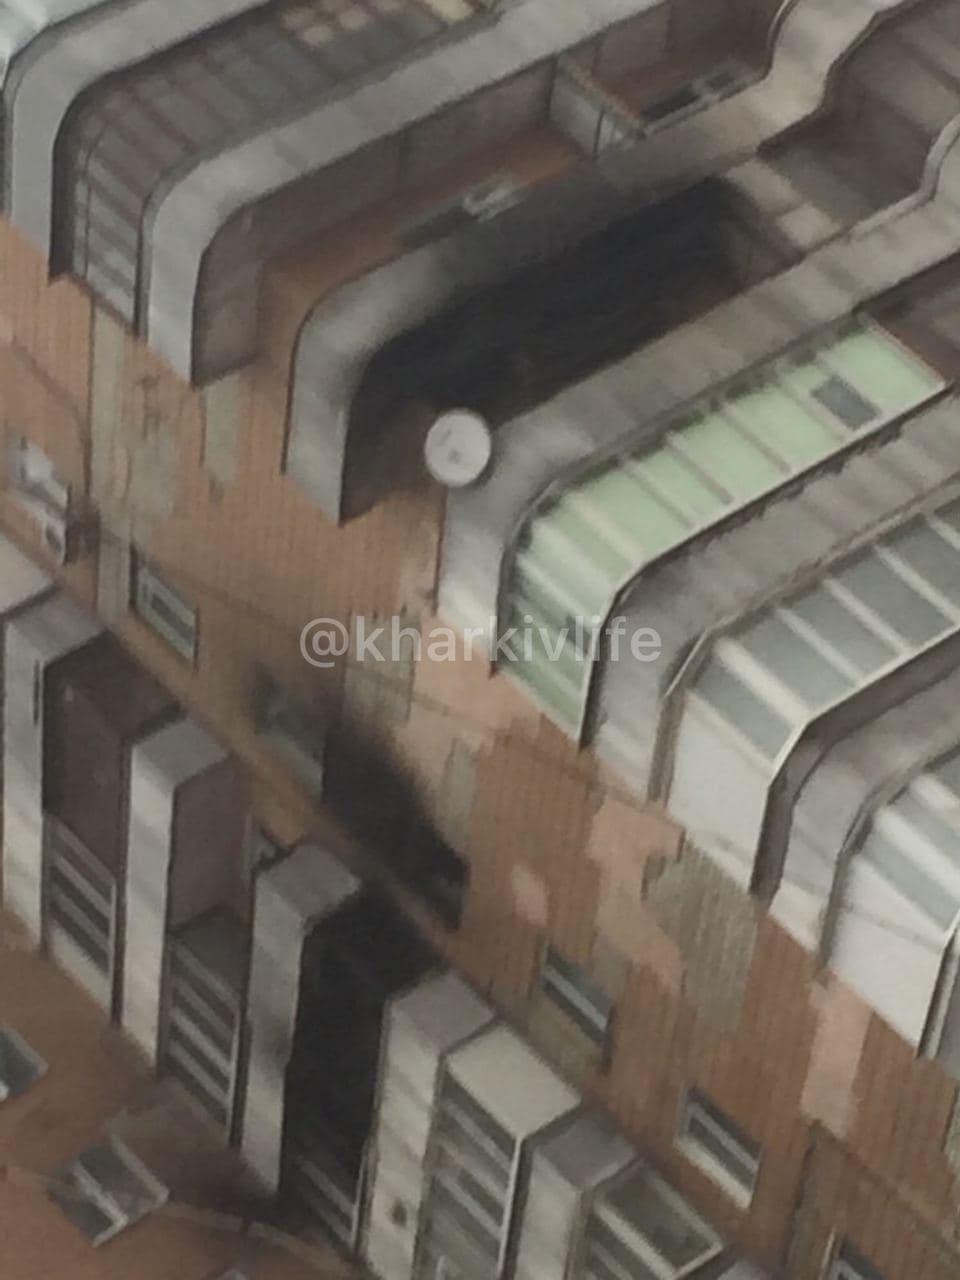 Пожежа в Харкові, загинула людина